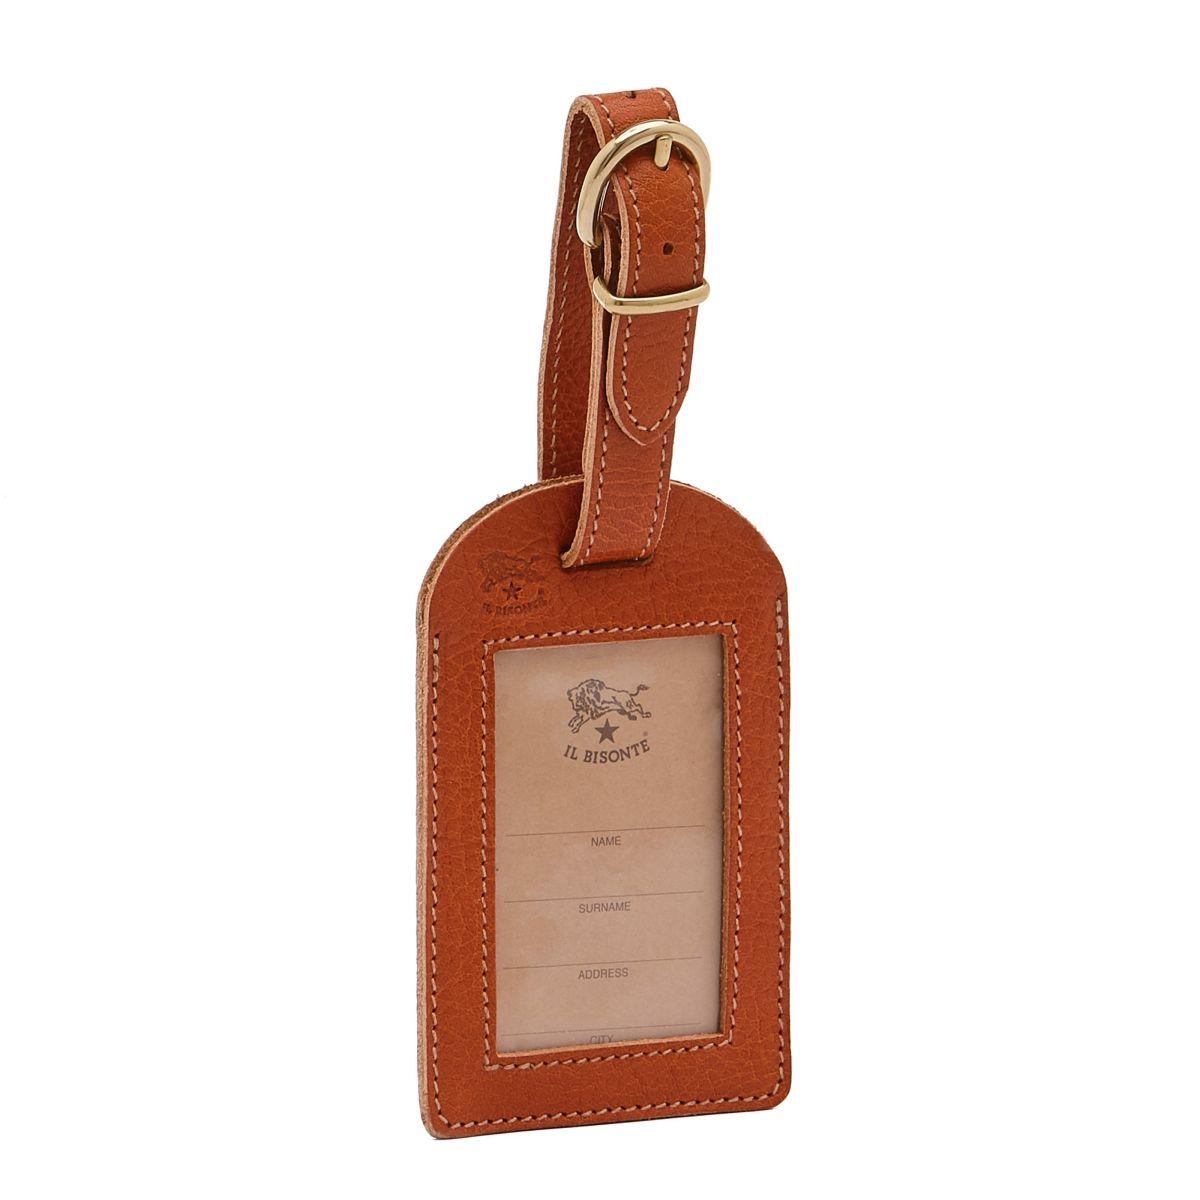 Étiquette De Bagage  en Cuir De Vachette Doublé OLT001 couleur Caramel | Details